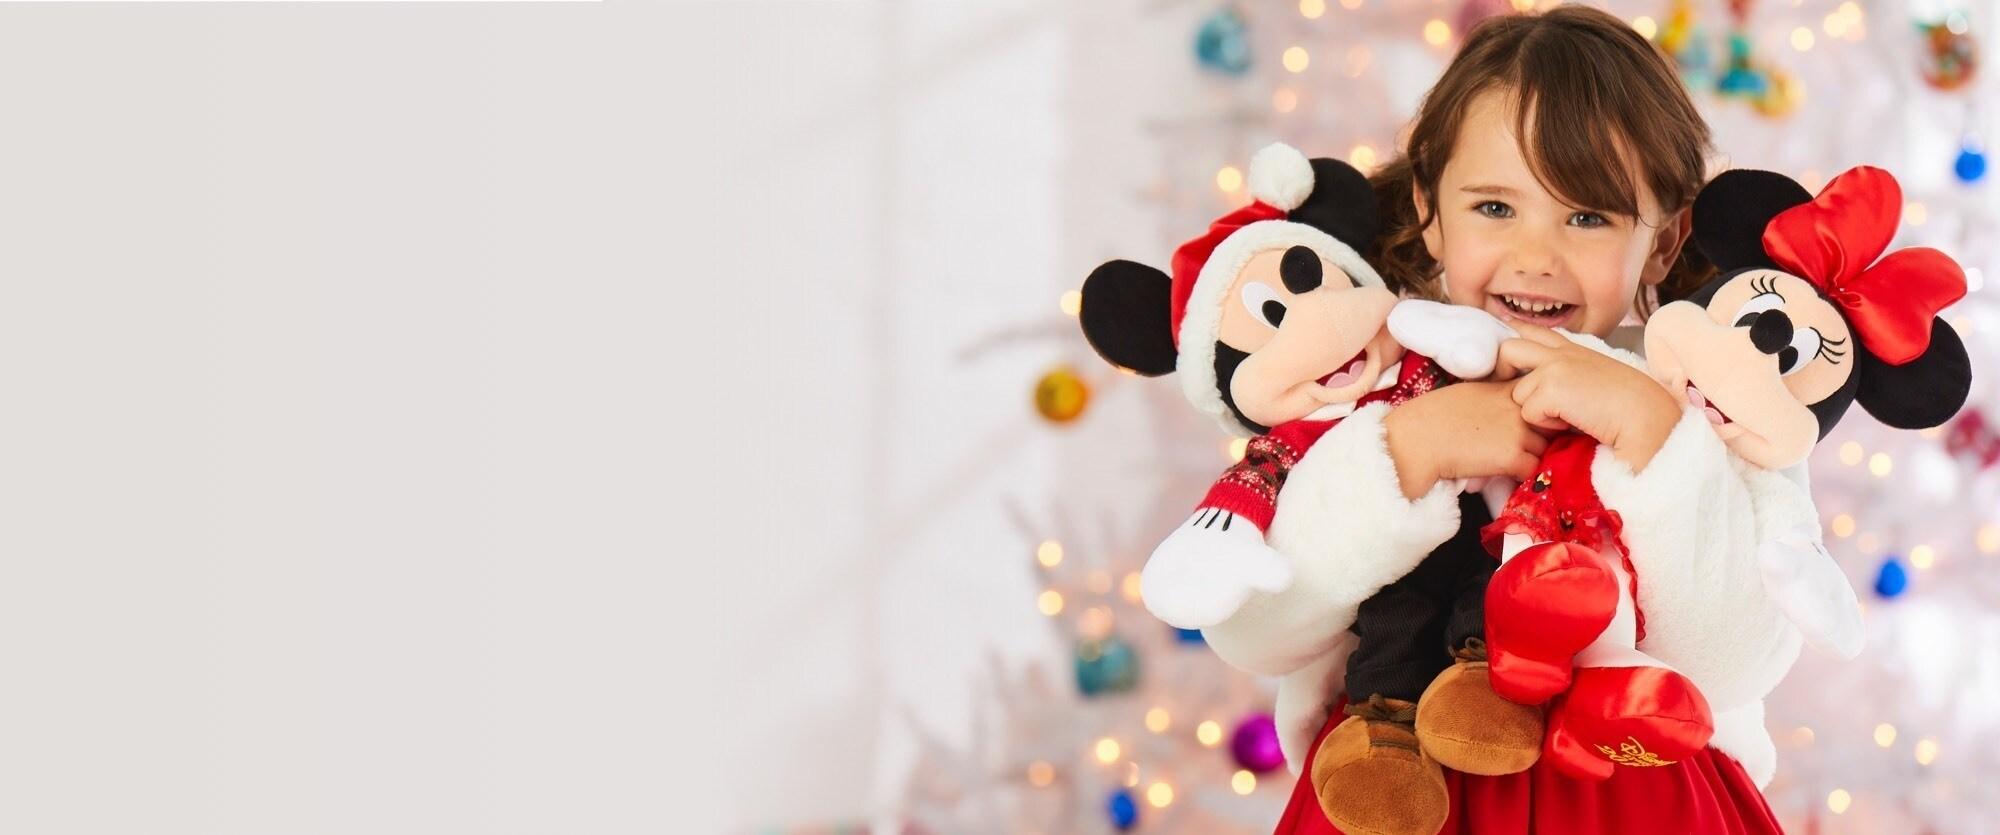 shopDisney | Letzte Chance vor Weihnachten